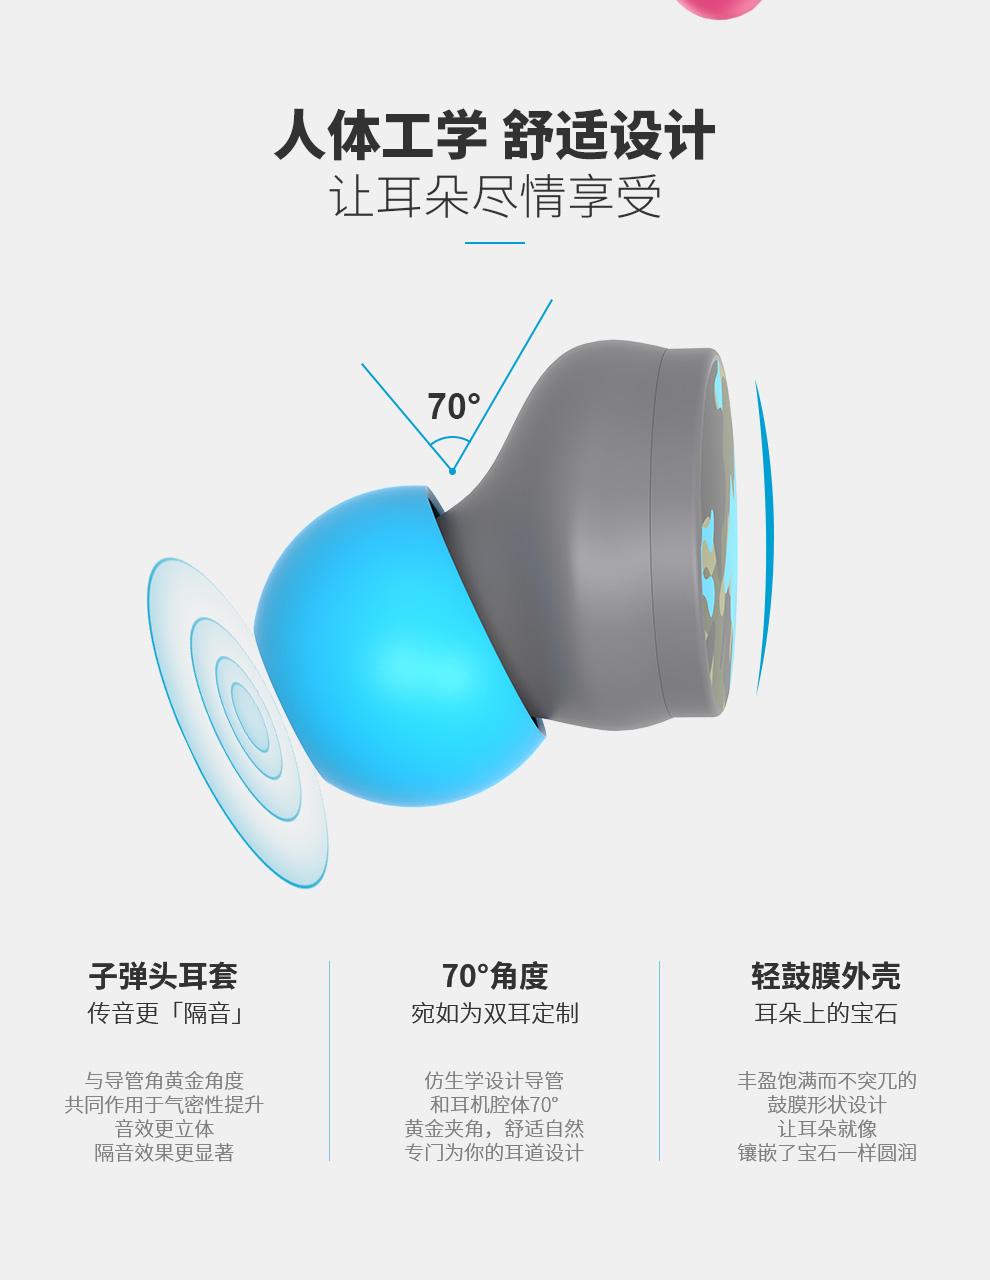 CAMO 迷彩耳机人体工学设计